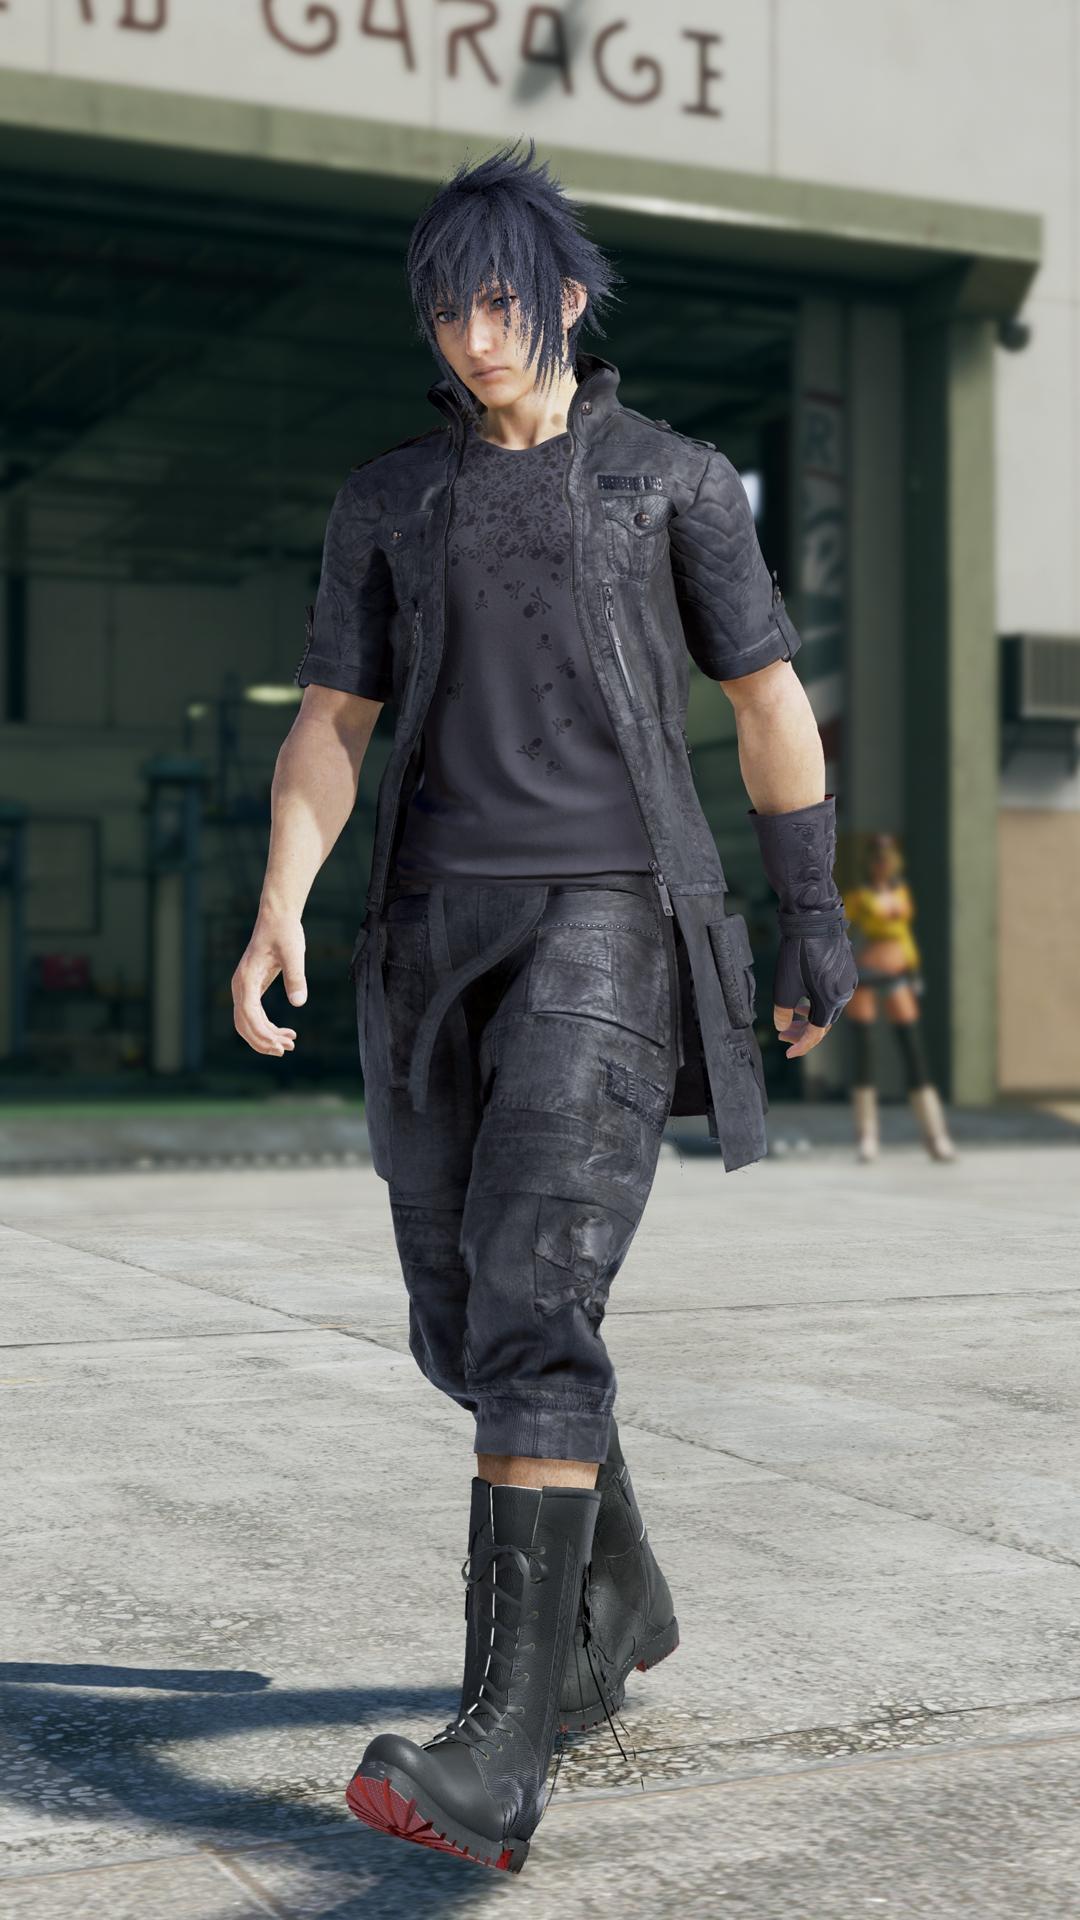 Final Fantasy XV's Noctis is TEKKEN 7's Next DLC Guest Character